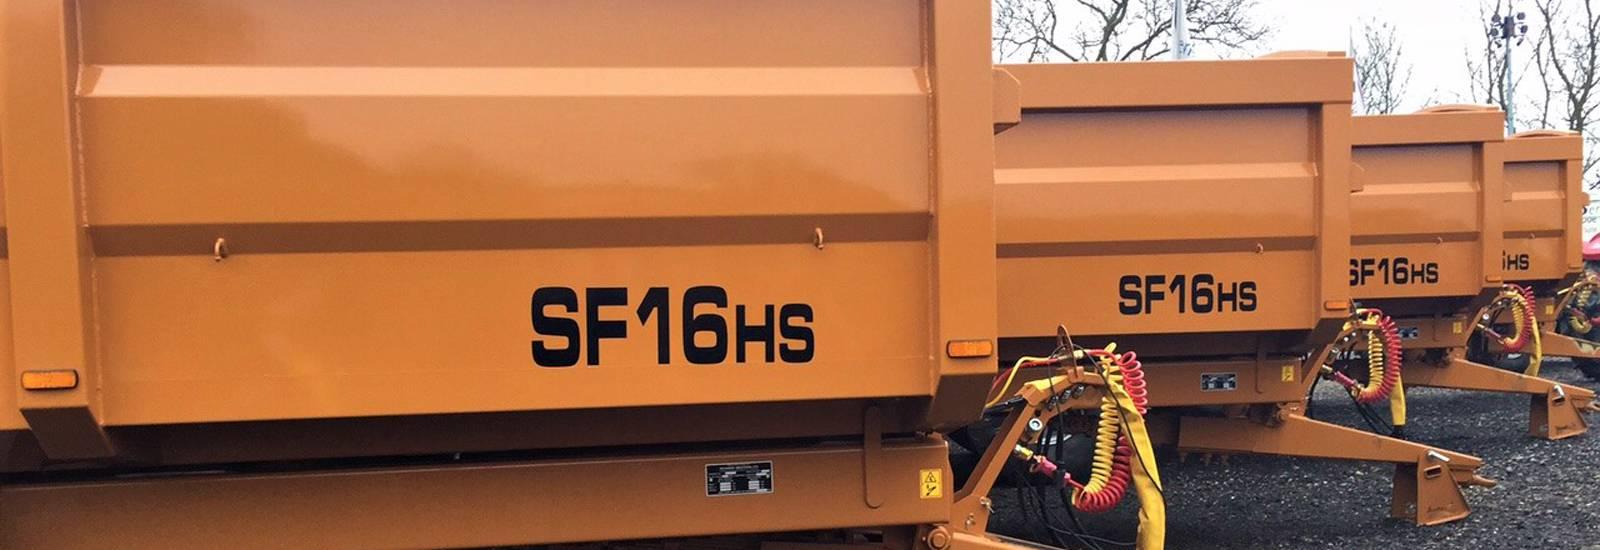 grain-trailers-header.jpg